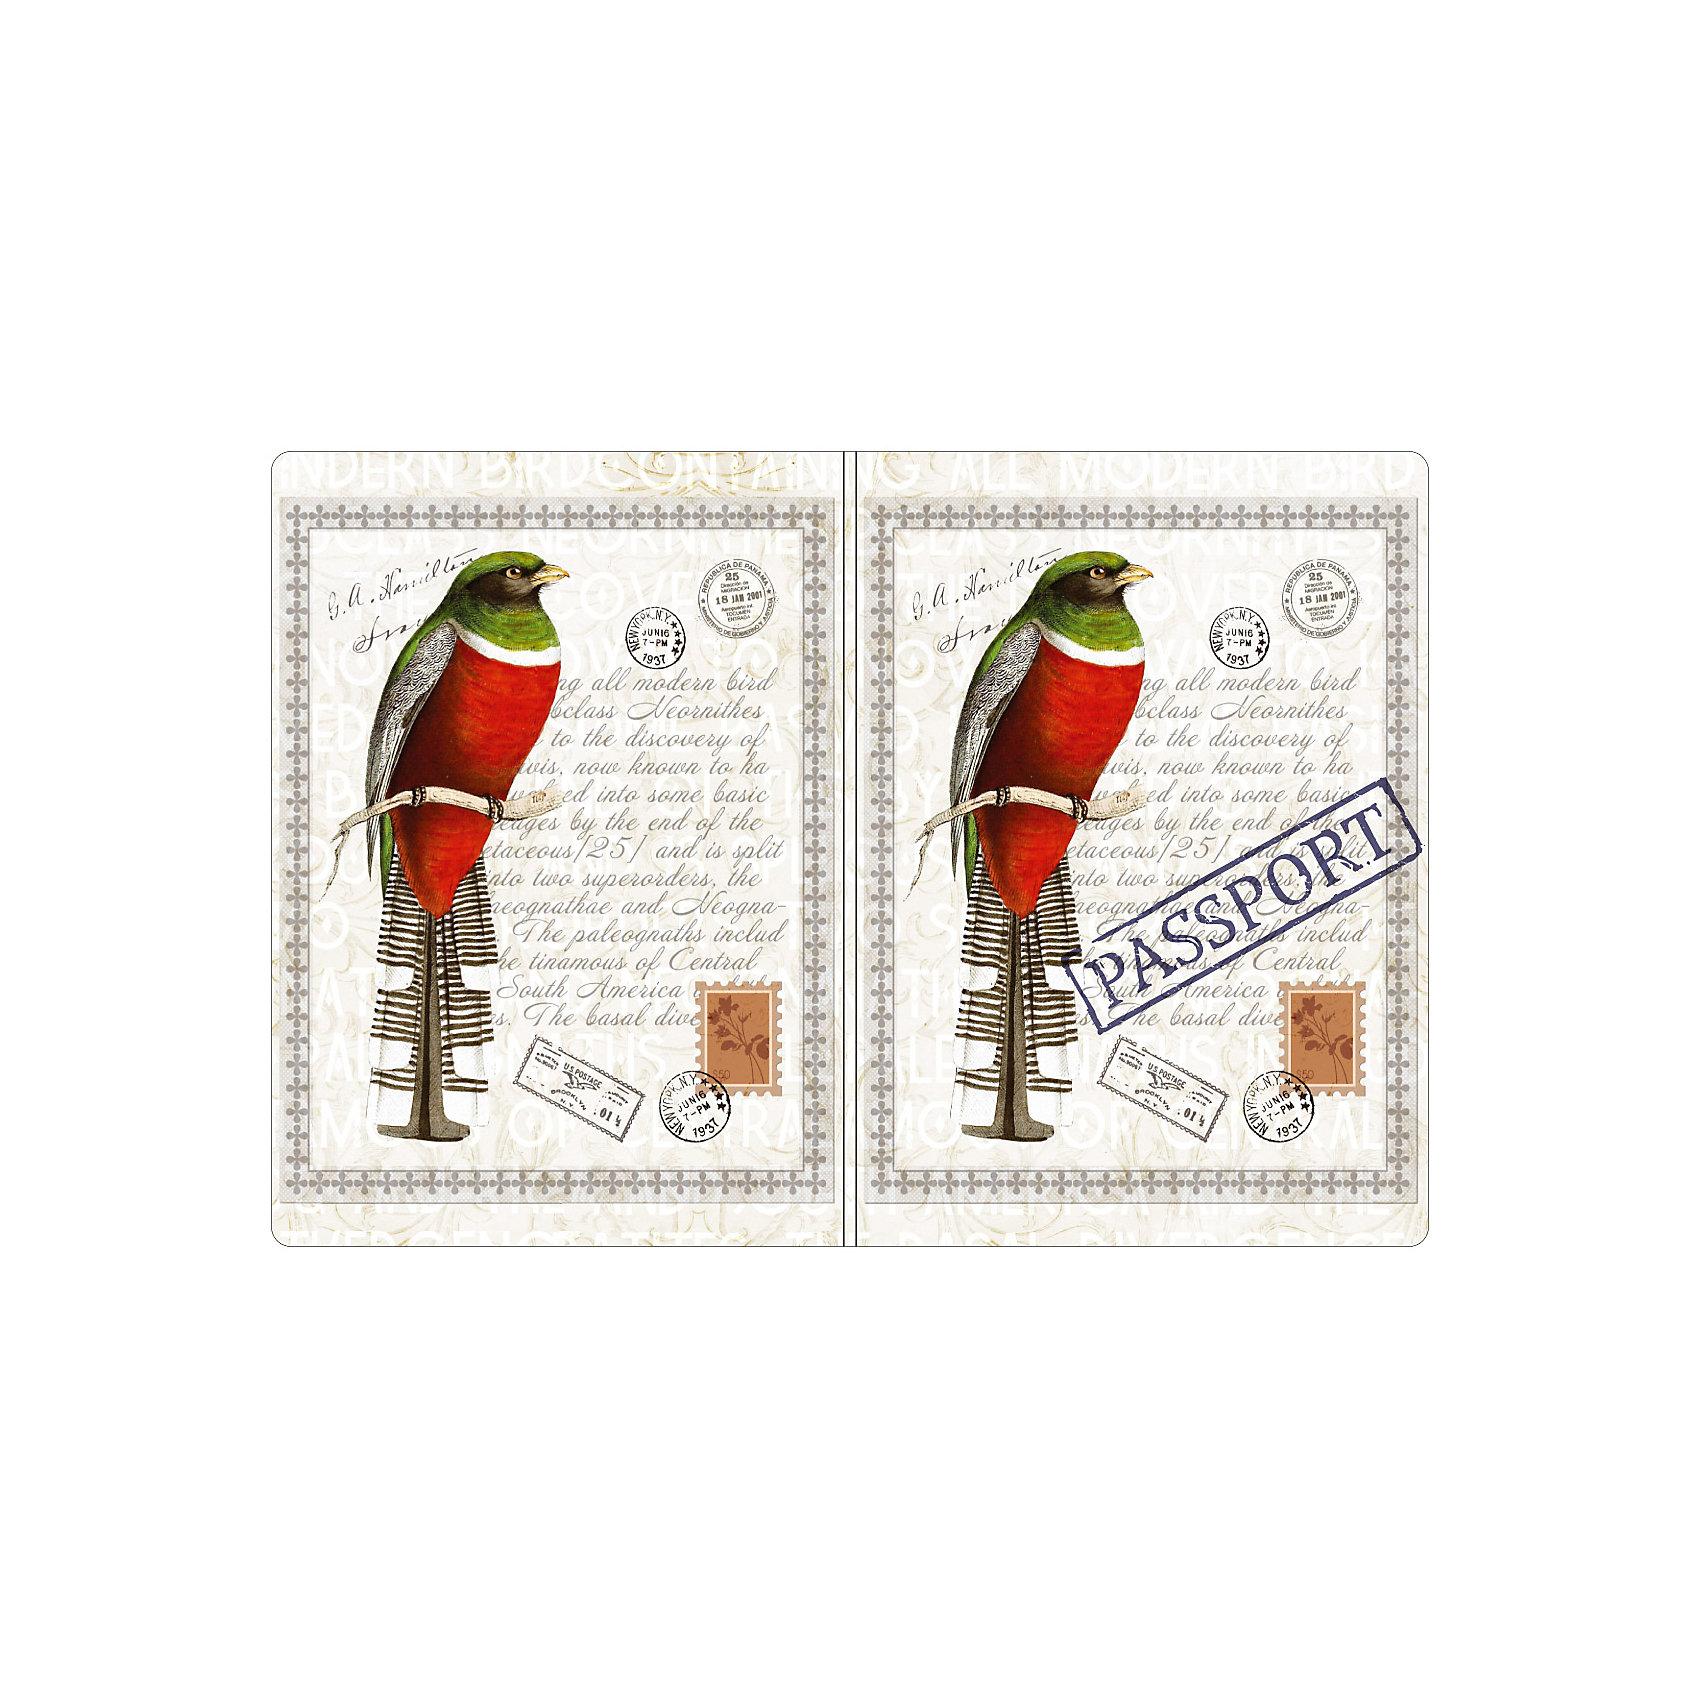 Обложка для паспорта Птица, Феникс-ПрезентОбложка для паспорта Птица, Феникс-Презент <br><br>Характеристики:<br><br>• оригинальный дизайн<br>• высокая прочность<br>• размер: 13,3х19,1 см<br>• материал: ПВХ<br><br>Обложка для паспорта Птица защитит ваши документы от намокания, а также подчеркнет оригинальность стиля. Обложка выполнена из прочного поливинилхлорида, устойчивого к износу. На обложке изображена красивая птичка. Такая красивая обложка всегда будет радовать глаз!<br><br>Обложку для паспорта Птица, Феникс-Презент вы можете купить в нашем интернет-магазине.<br><br>Ширина мм: 133<br>Глубина мм: 191<br>Высота мм: 50<br>Вес г: 35<br>Возраст от месяцев: 168<br>Возраст до месяцев: 2147483647<br>Пол: Унисекс<br>Возраст: Детский<br>SKU: 5449607